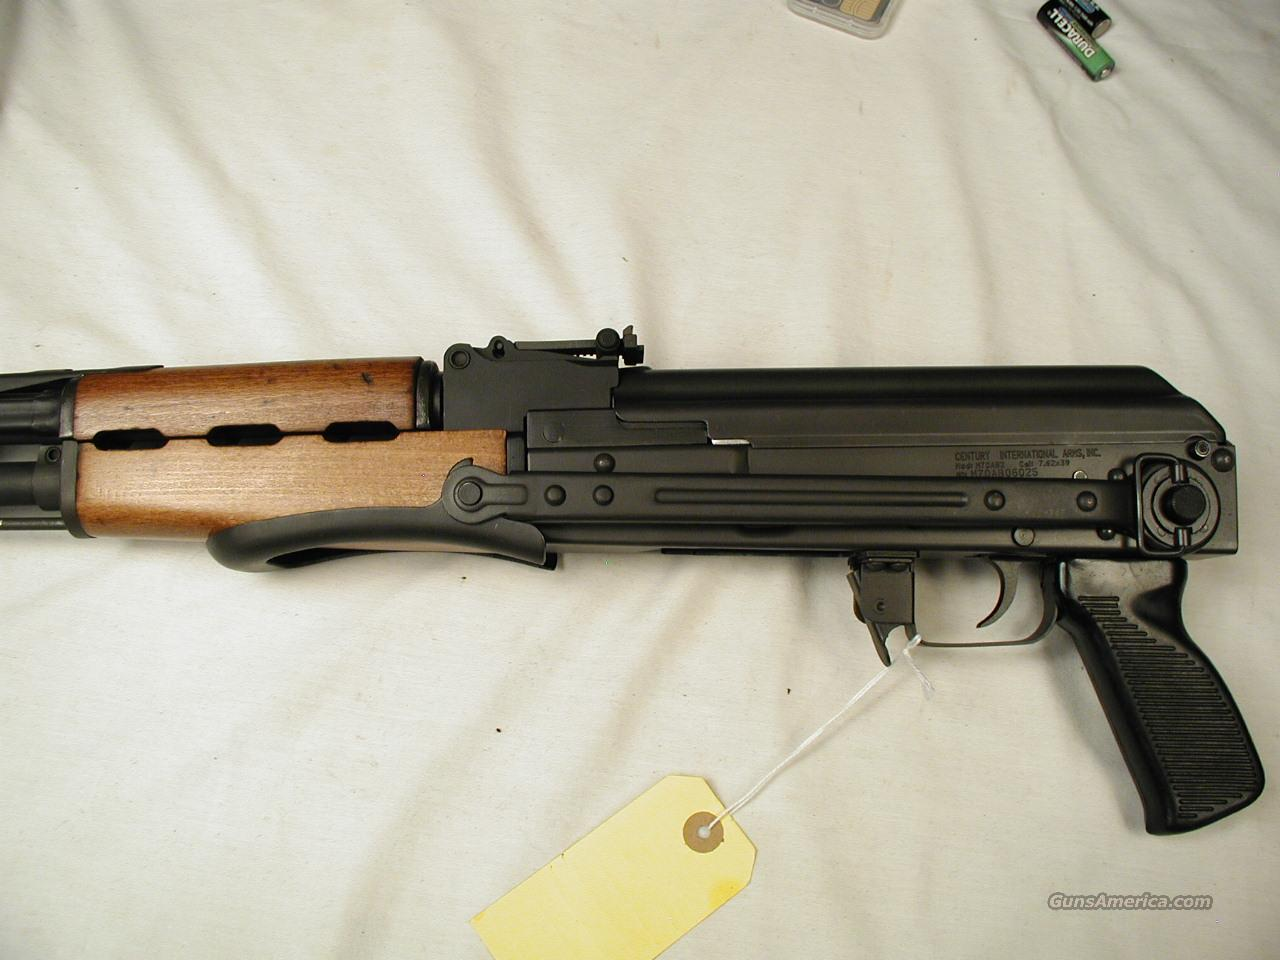 AK UNDERFOLDER  Guns > Rifles > AK-47 Rifles (and copies) > Folding Stock